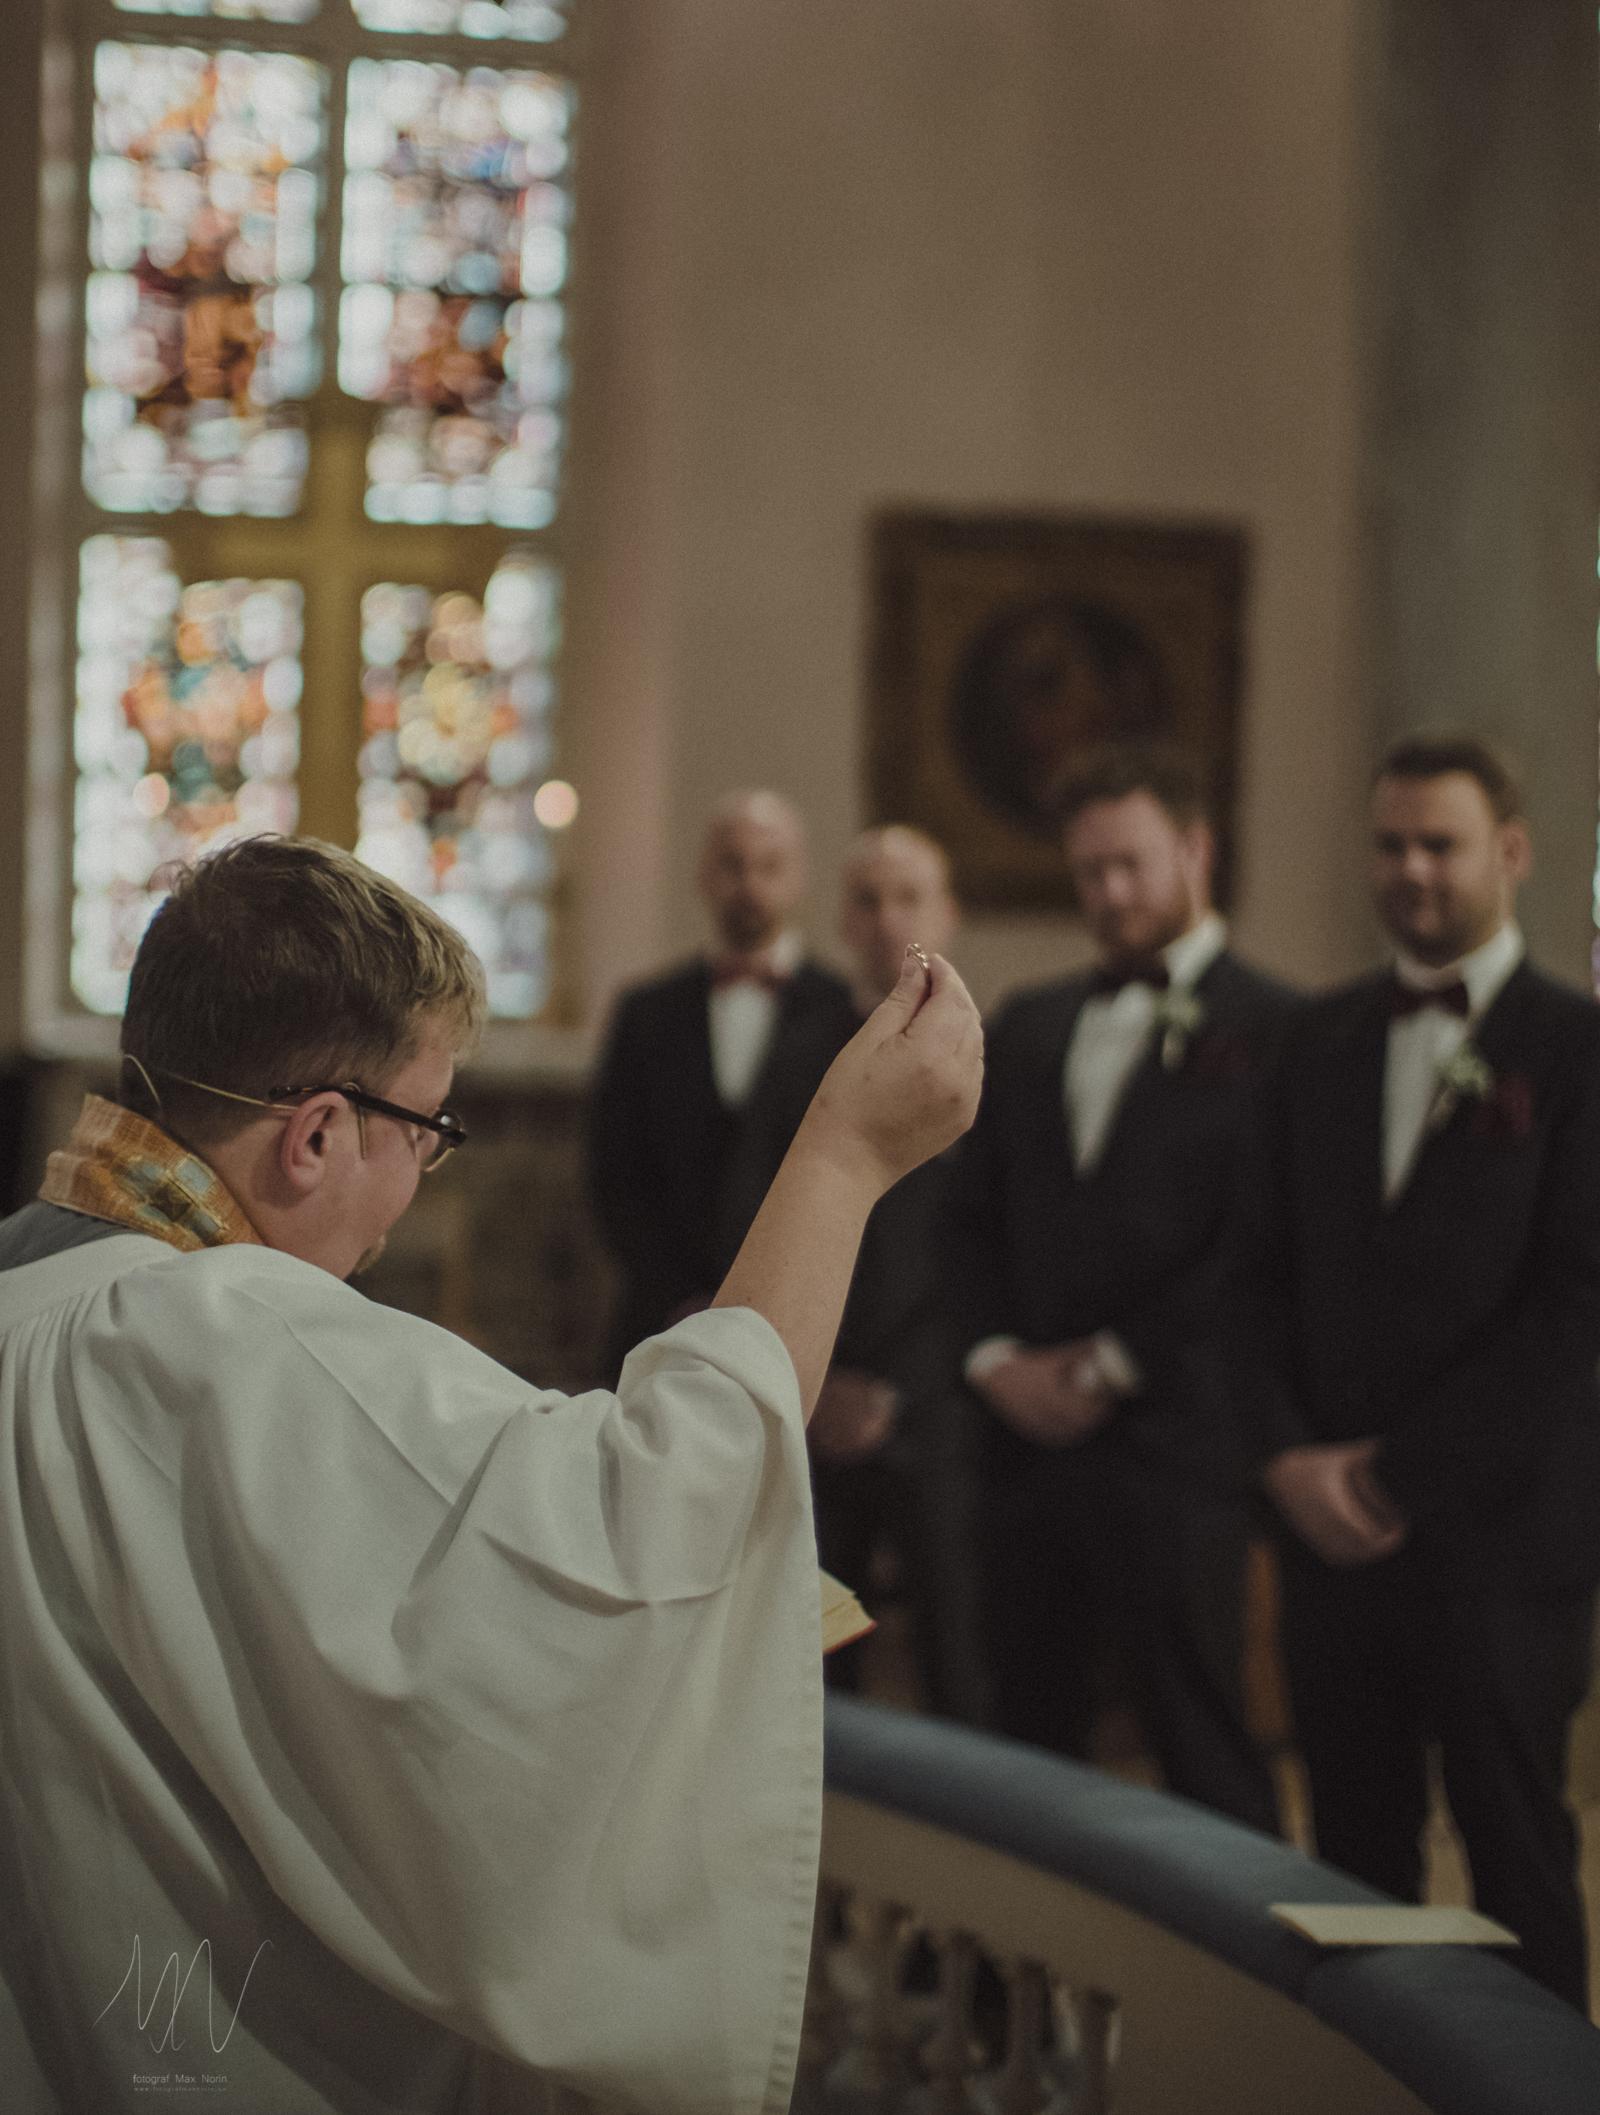 bröllopsfoto-fotograf-max-norin-148.jpg